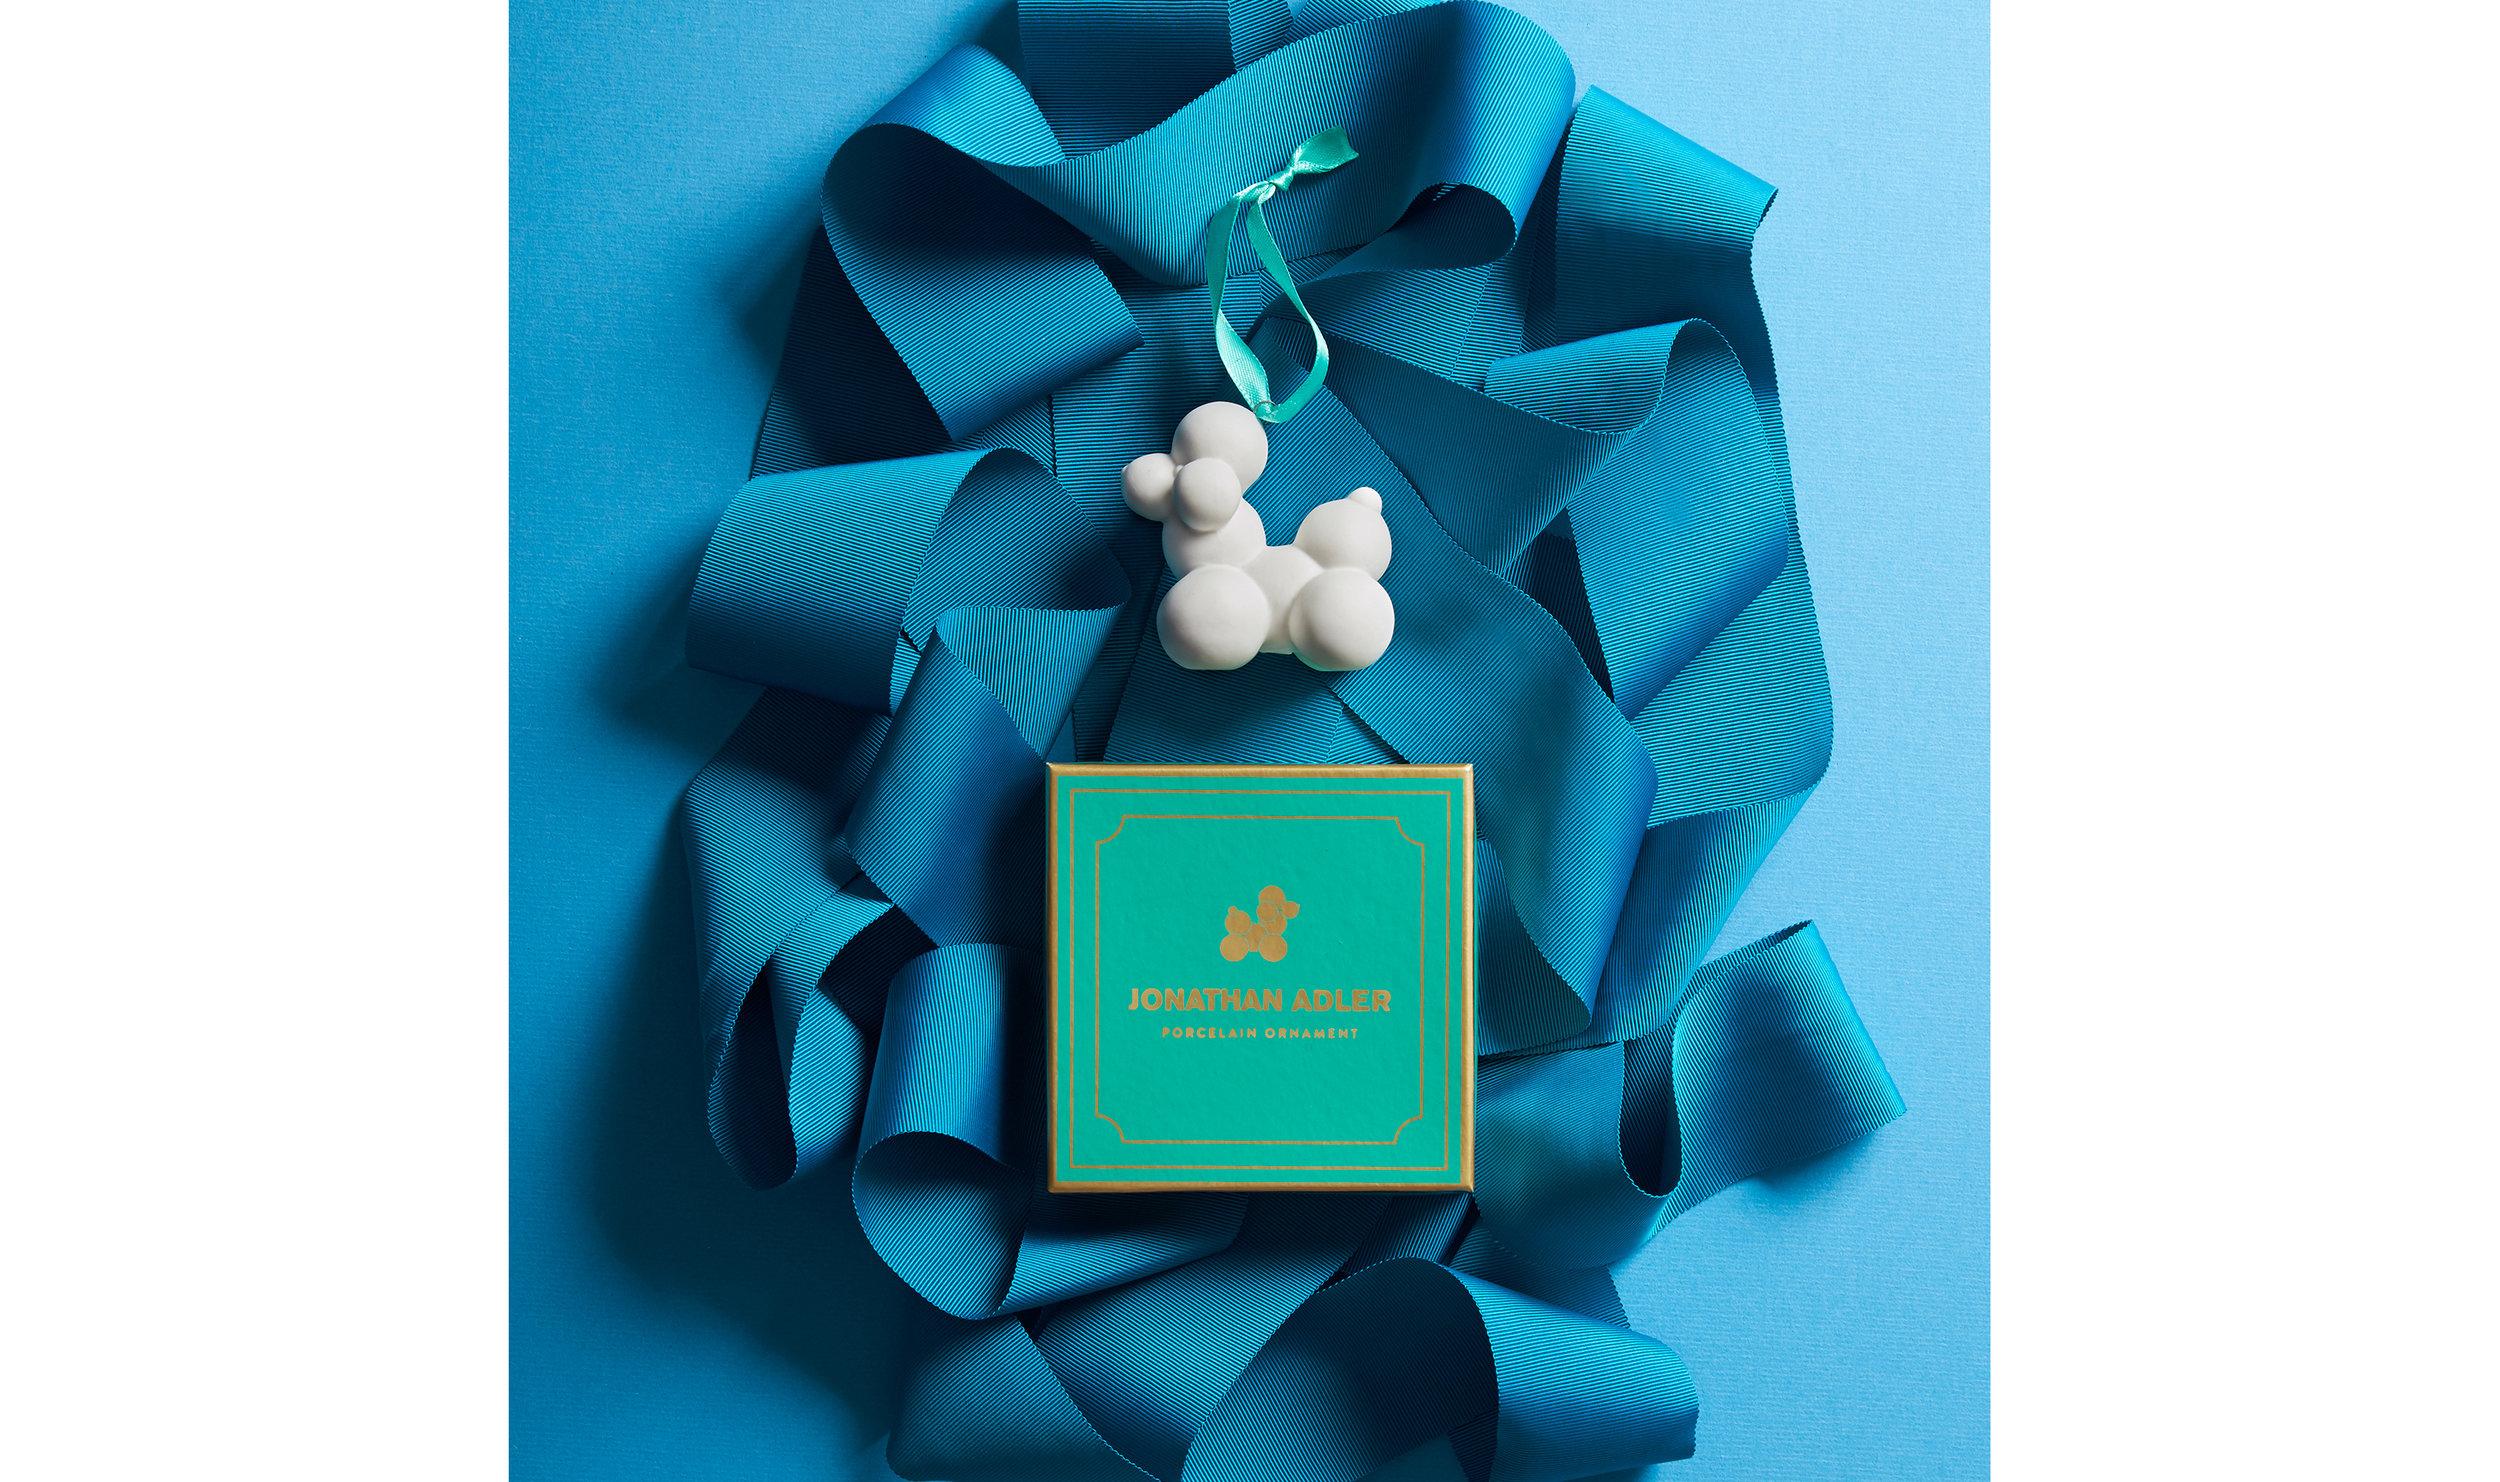 ornament_poodle_packaging_jonathanadler2.jpg